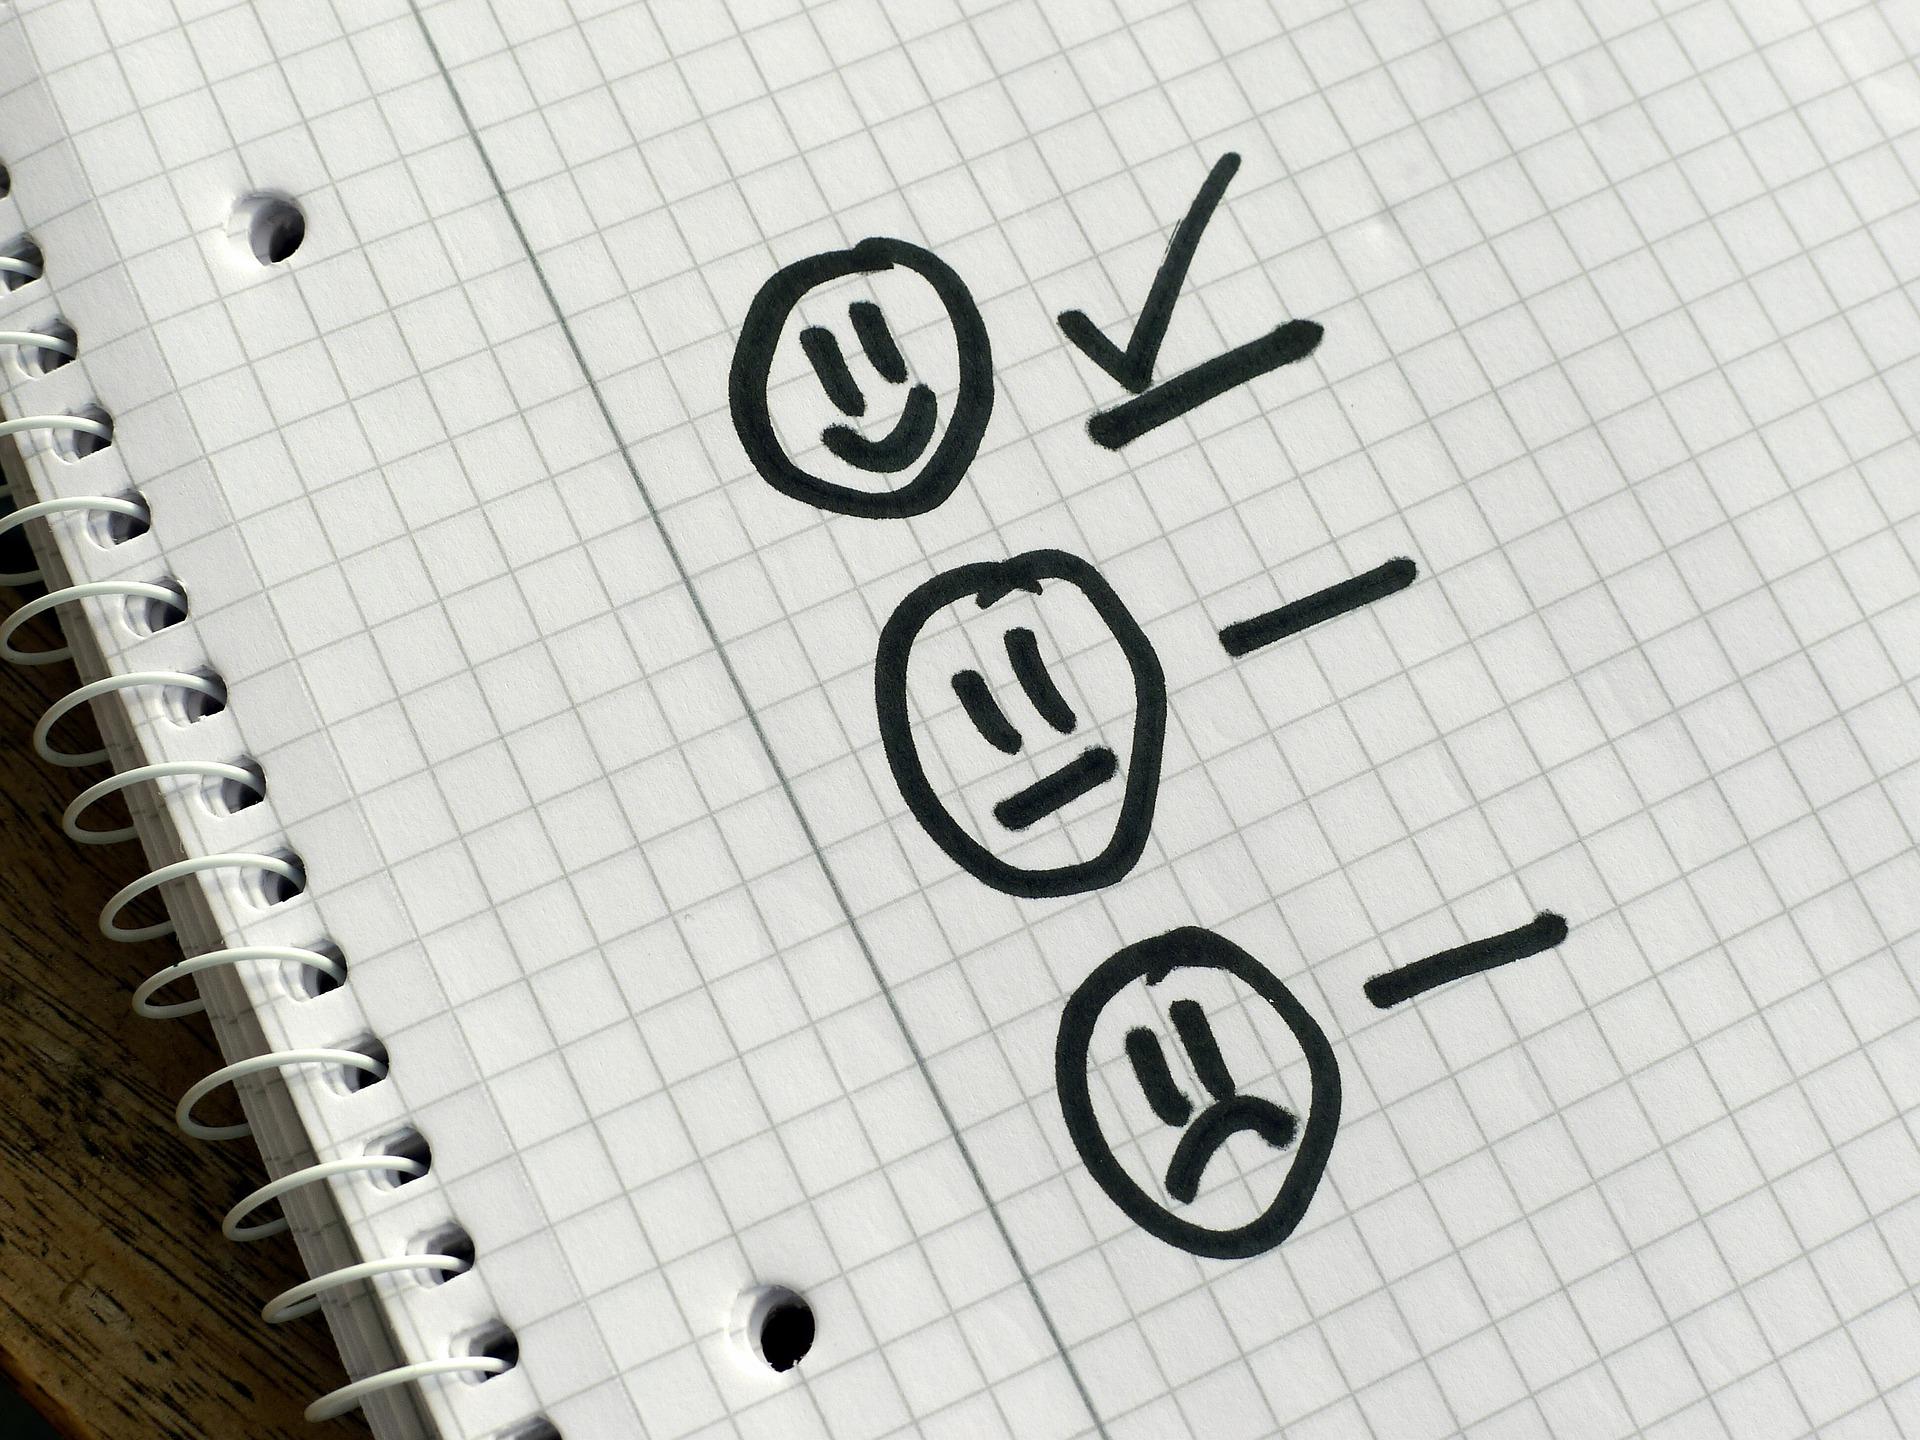 https://pixabay.com/en/checklist-choice-priorities-survey-2277702/#